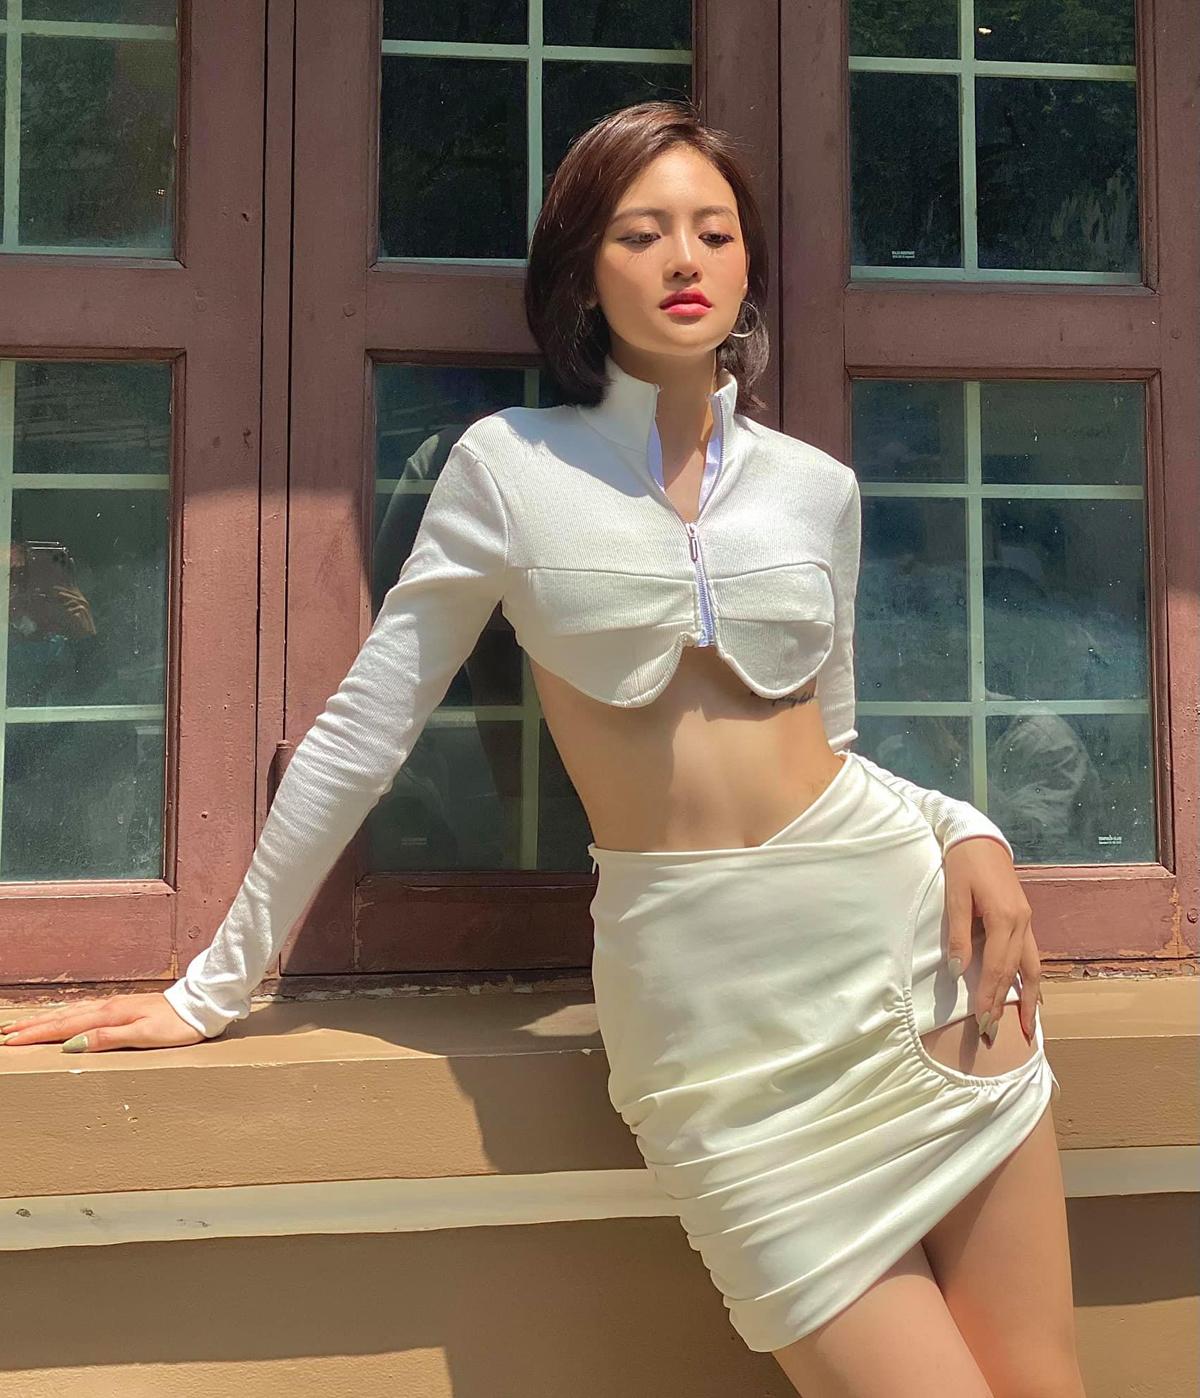 Thùy Anh thích chinh phục những kiểu đồ lạ. Chiếc áo vành đai ôm theo ngực và váy cắt khoét giúp nữ diễn viên khoe dáng săn chắc.